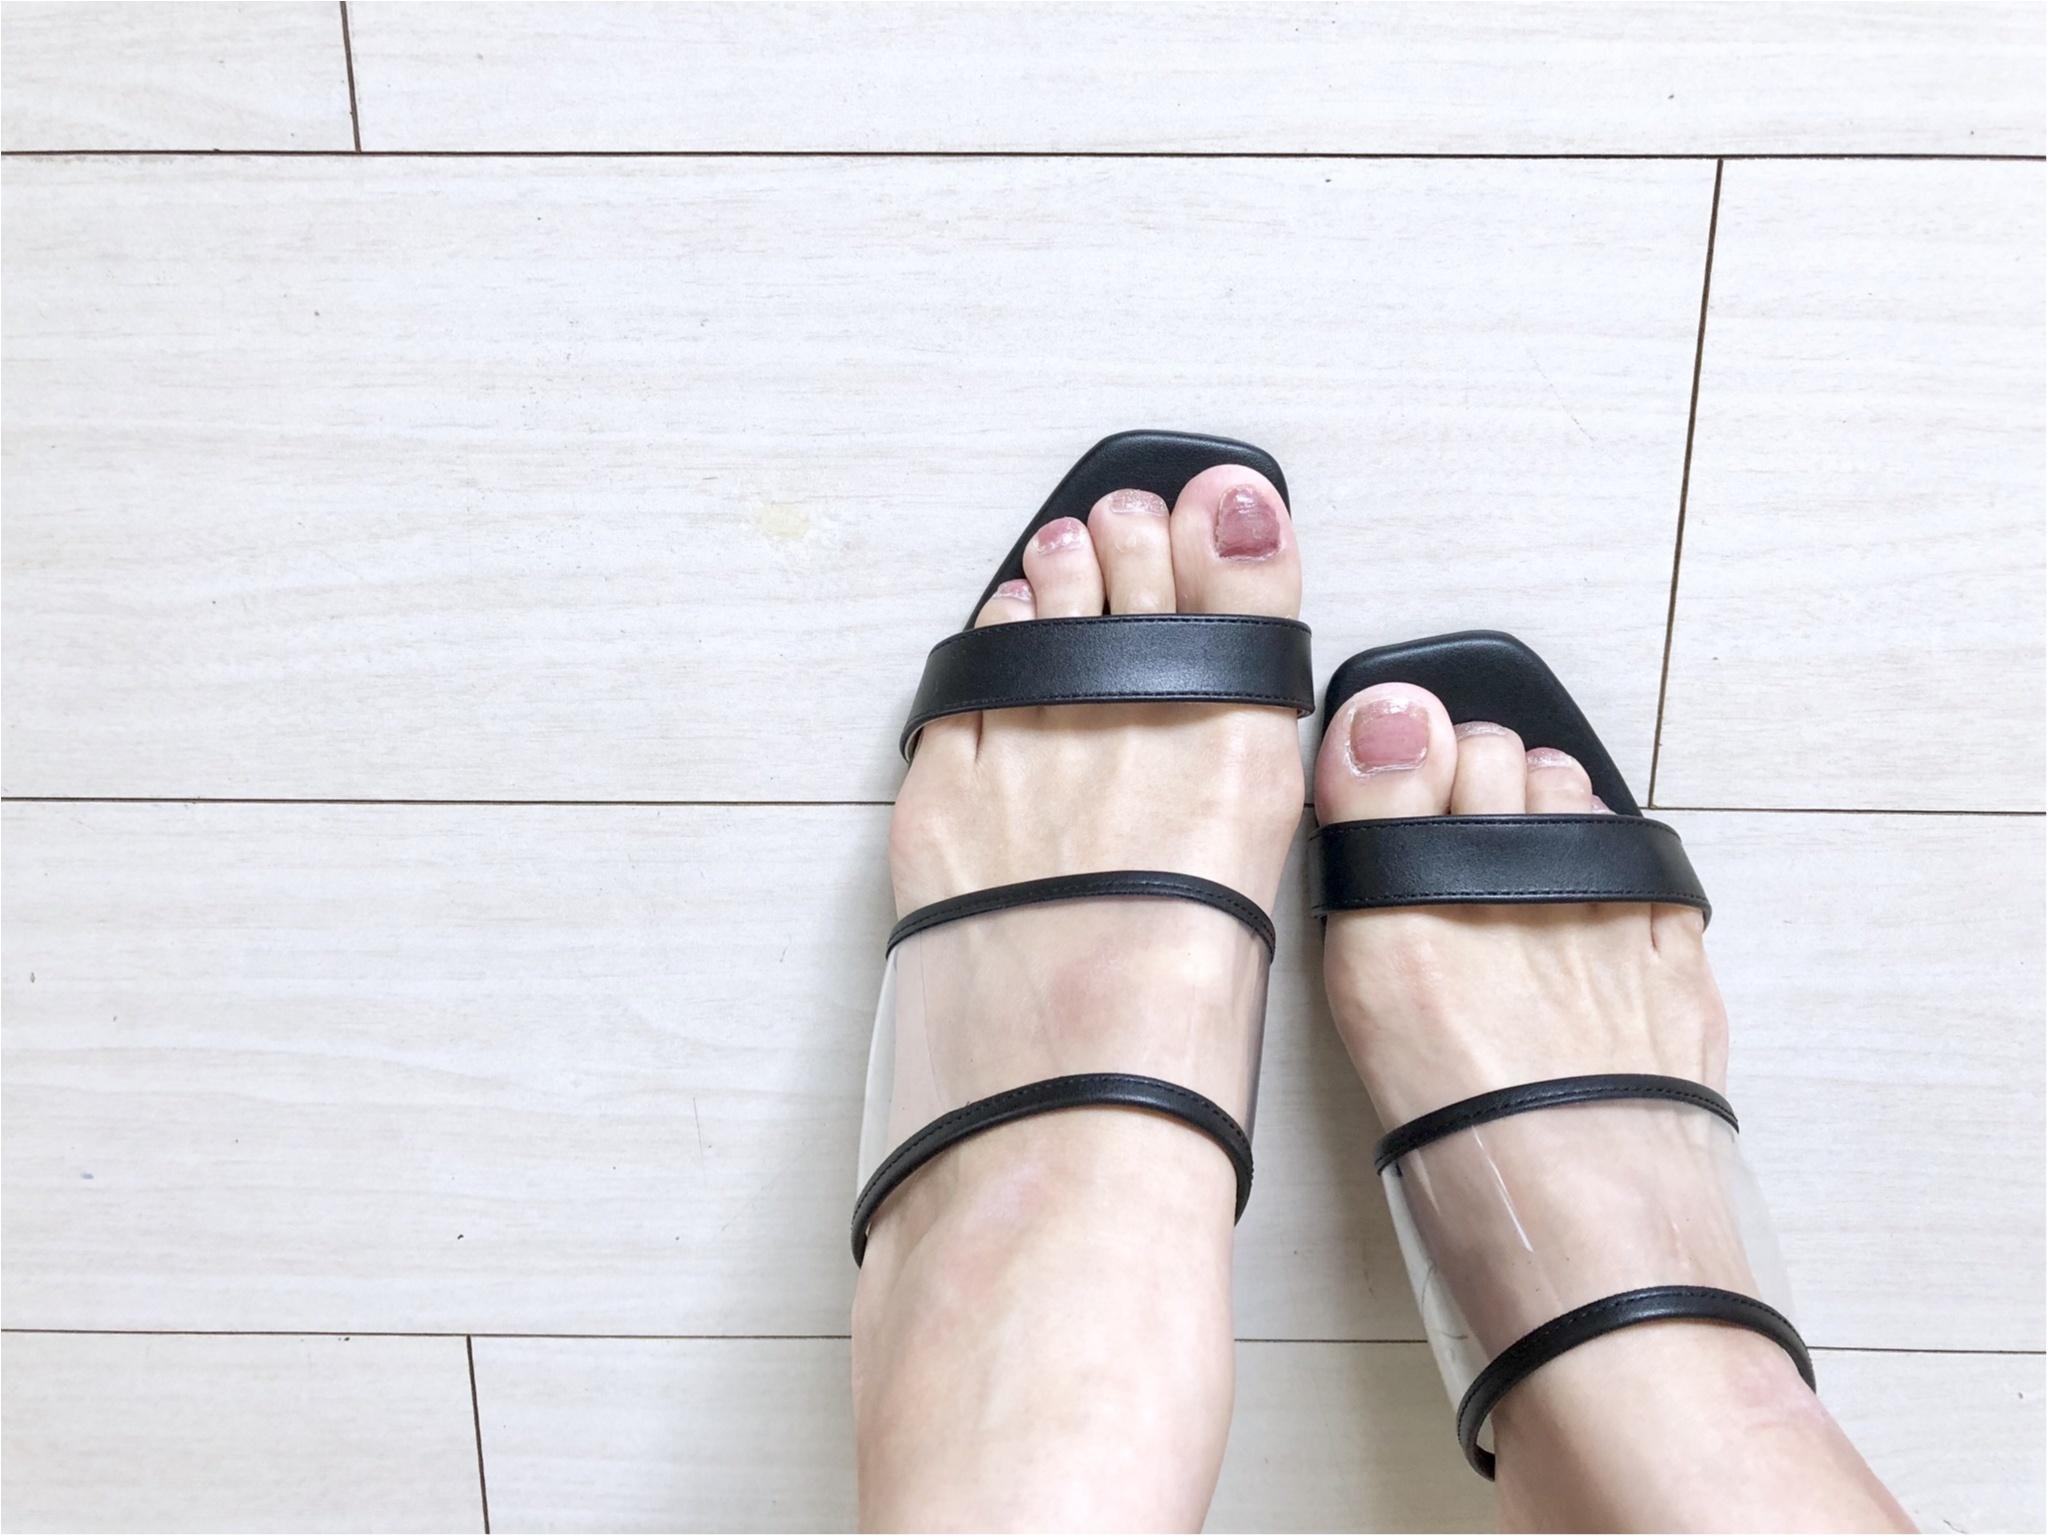 今年のトレンド《PVCサンダル》❤️私はプチプラ【GU】で万能な1足をゲットしました!_1